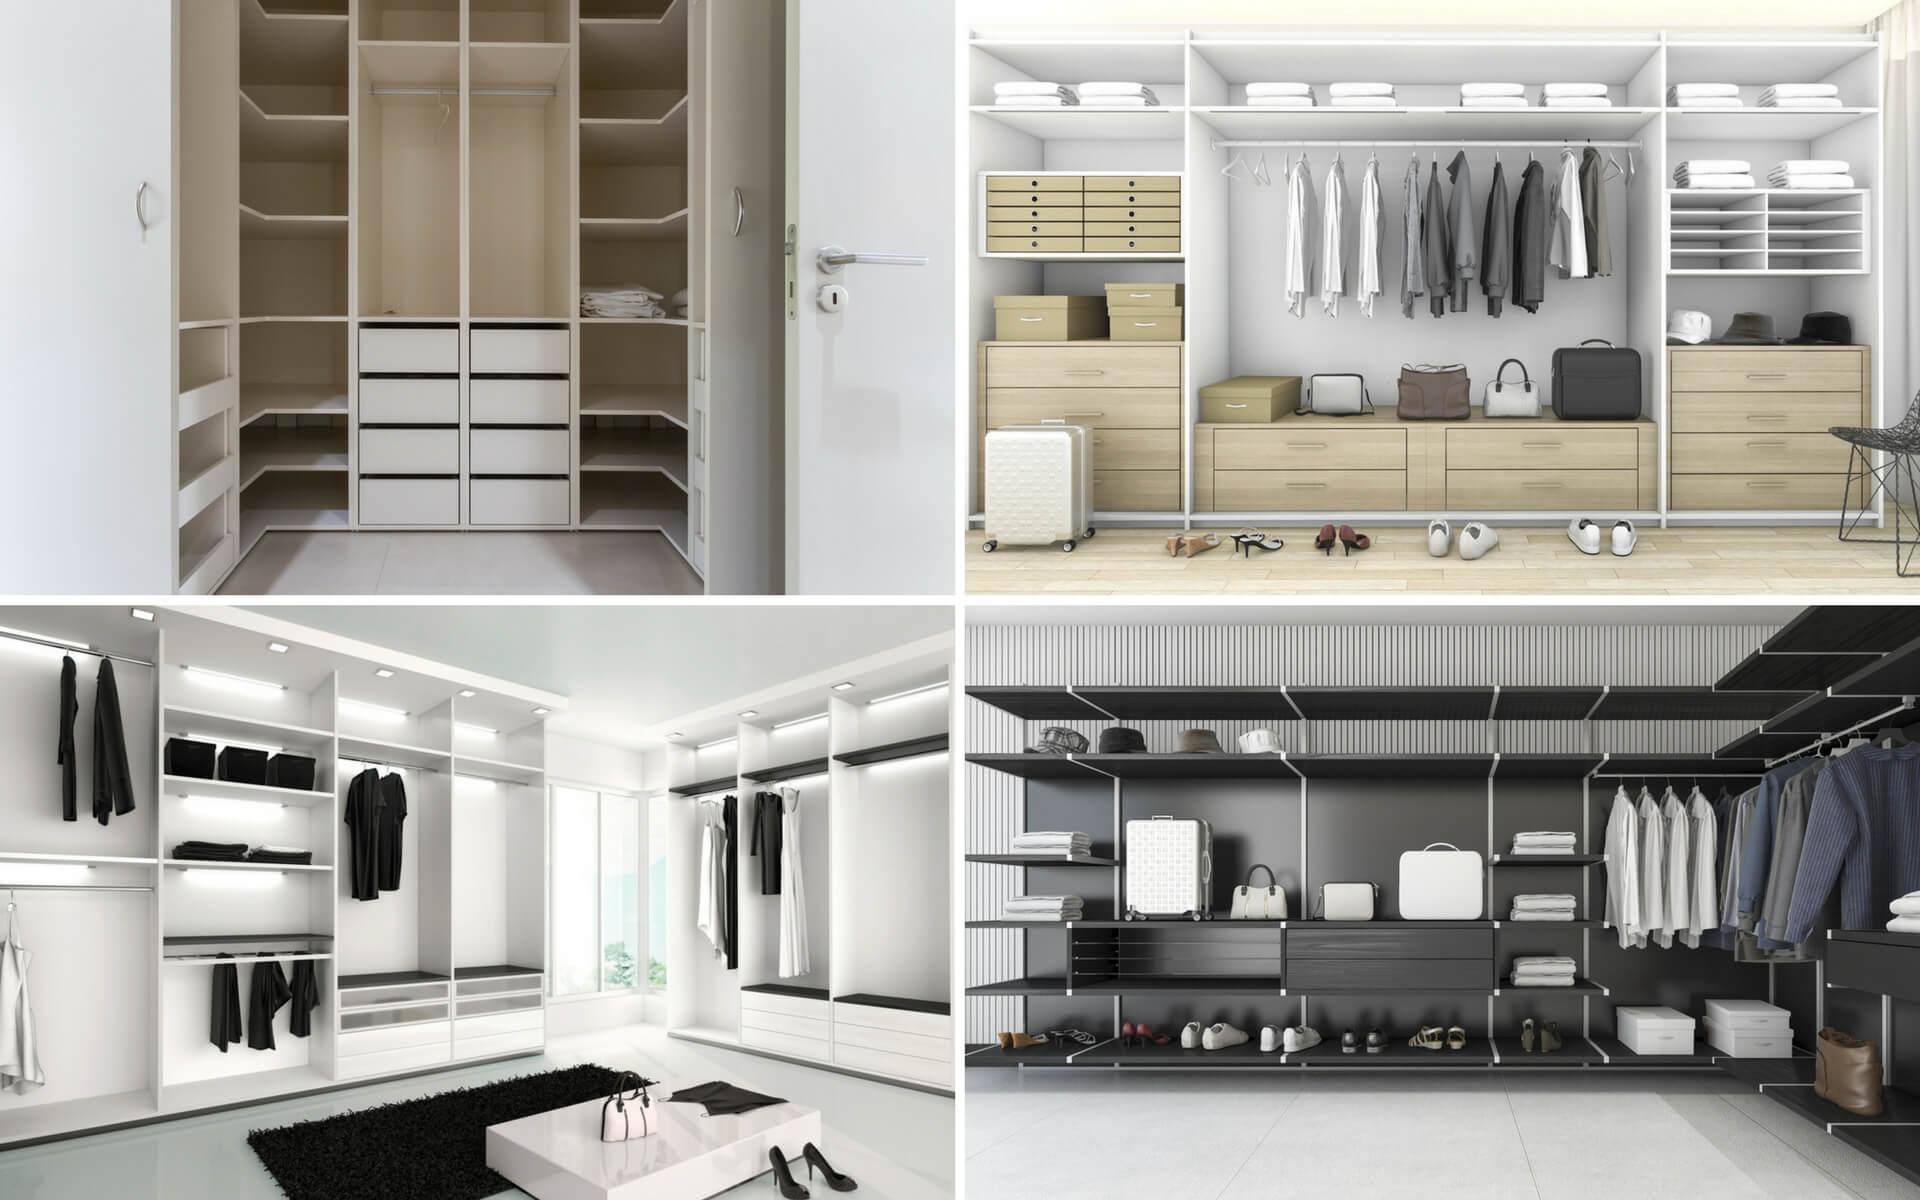 Come Organizzare Una Cabina Armadio : Come ricavare e organizzare una cabina armadio in casa